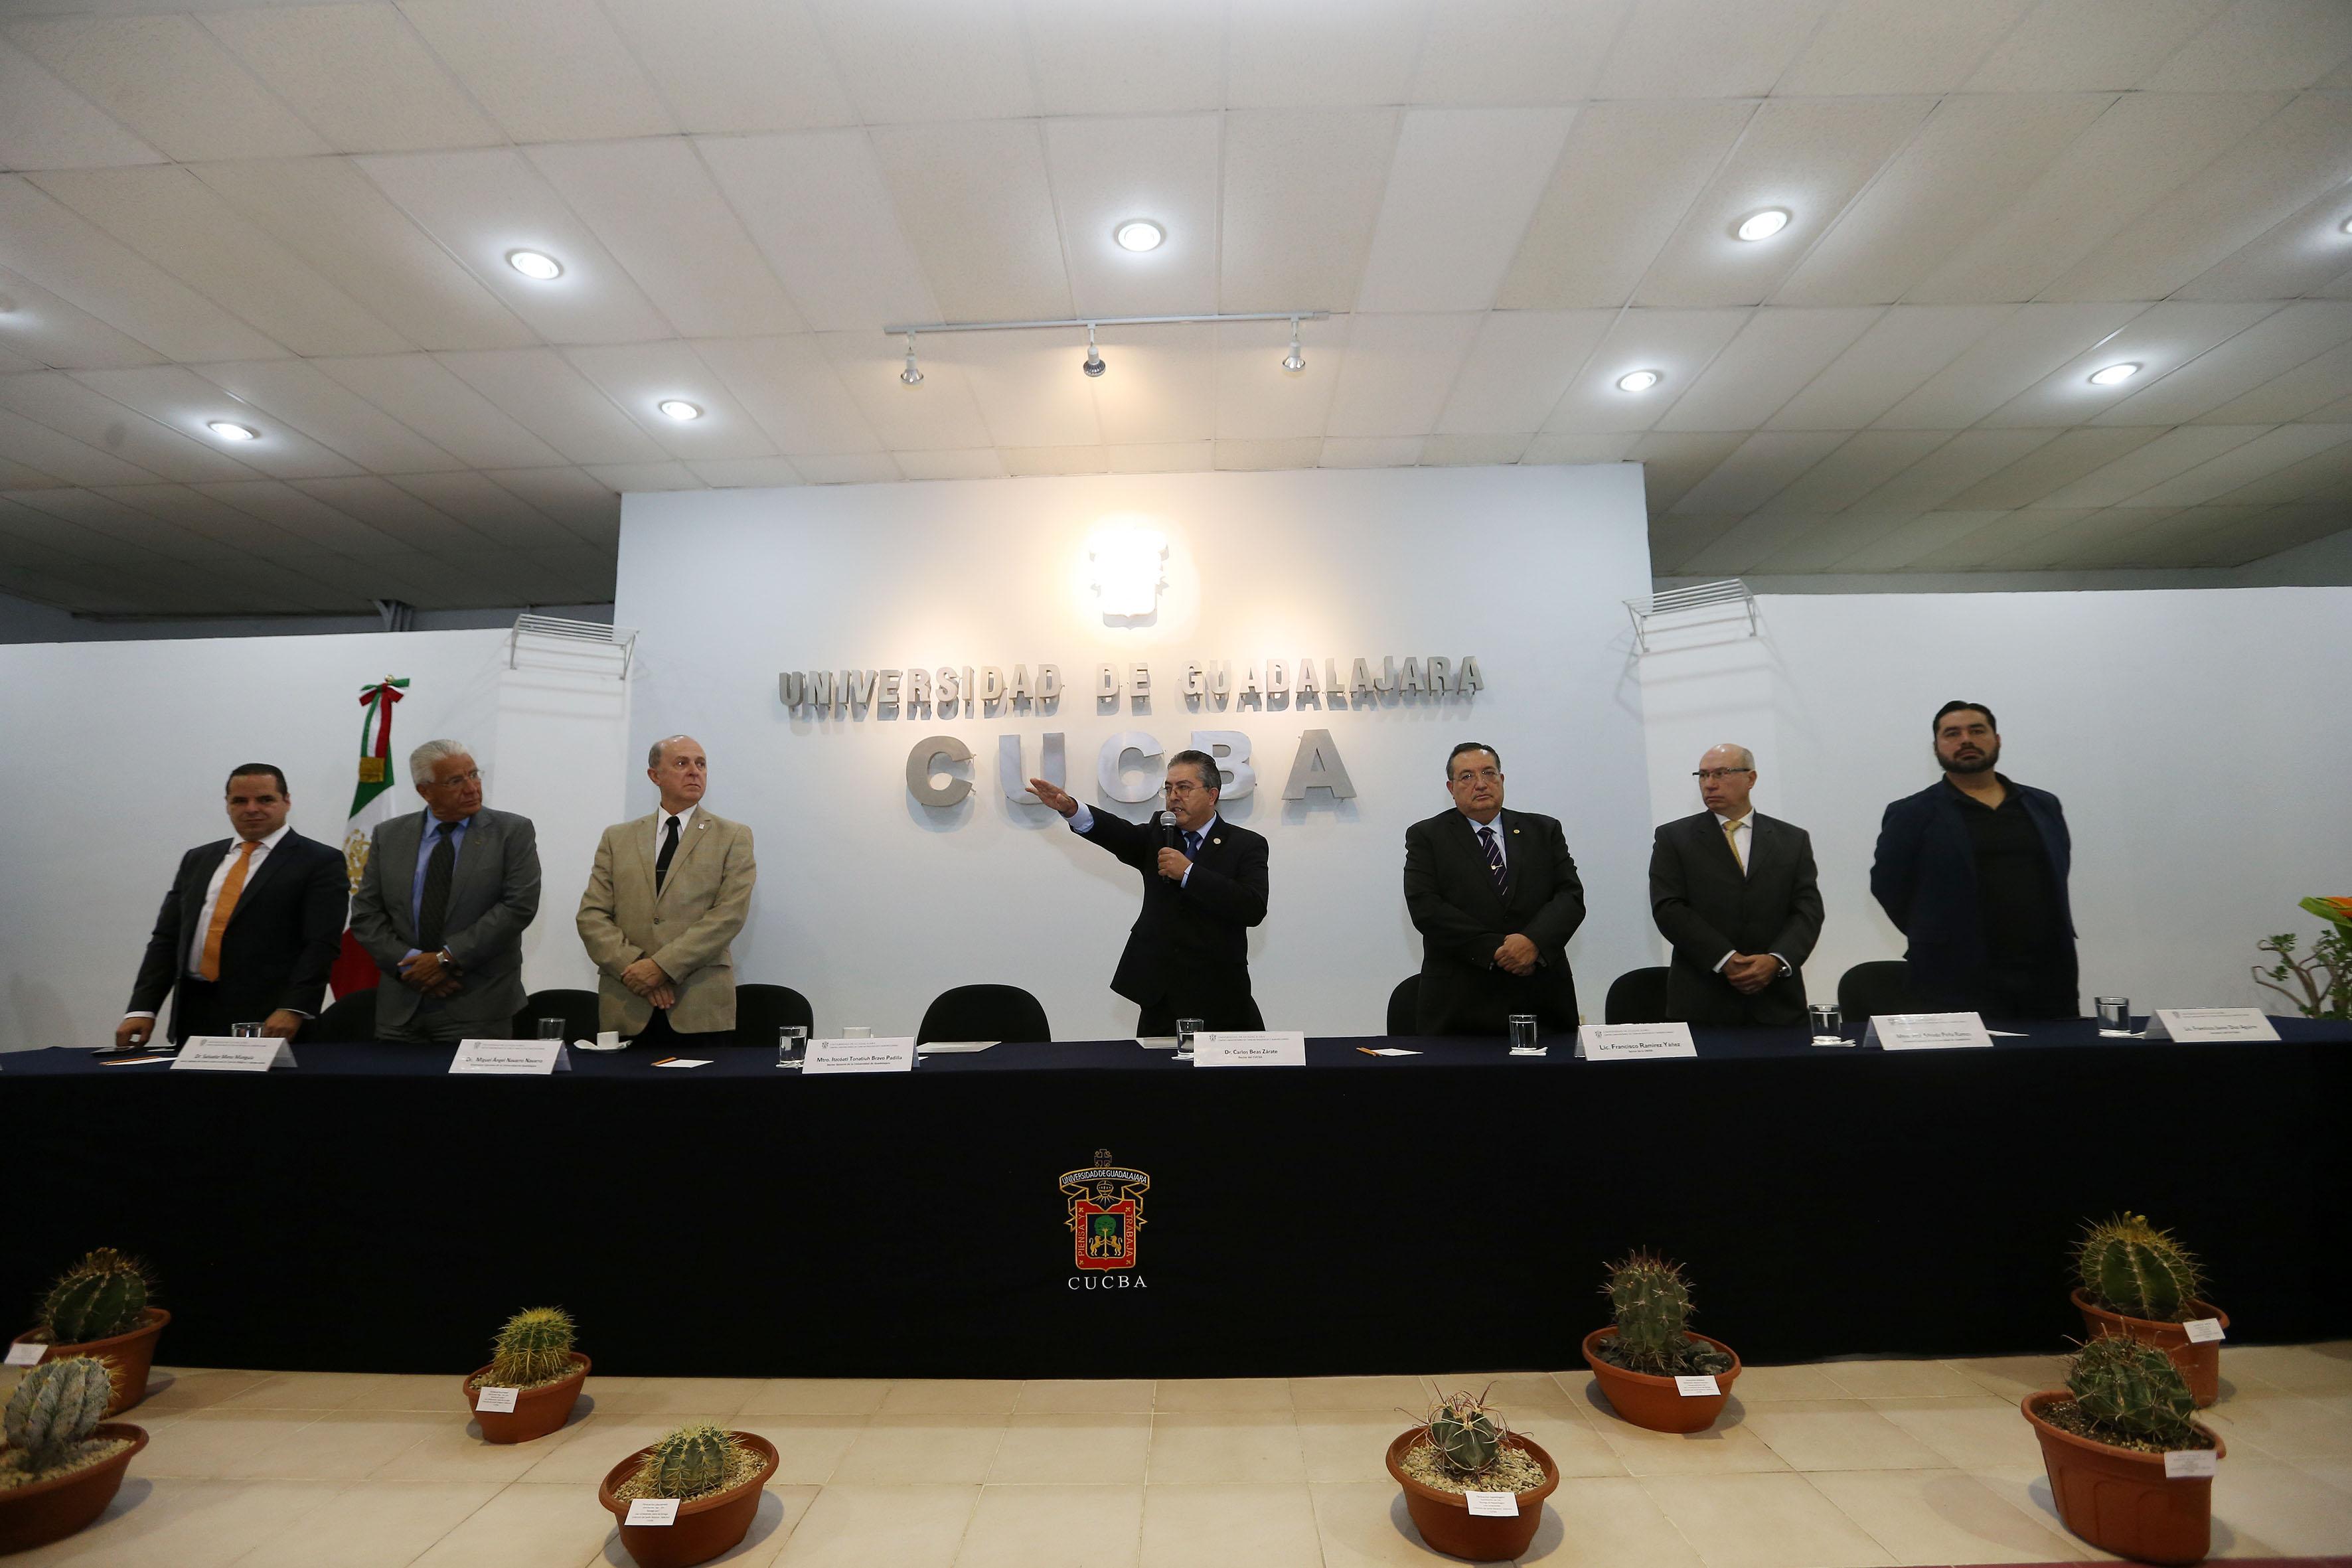 Doctor Carlos Beas Zárate, Rector del CUCBA, levantando la mano y con micrófono en mano, haciendo toma de protesta a su cargo como Rector del CUCBA.